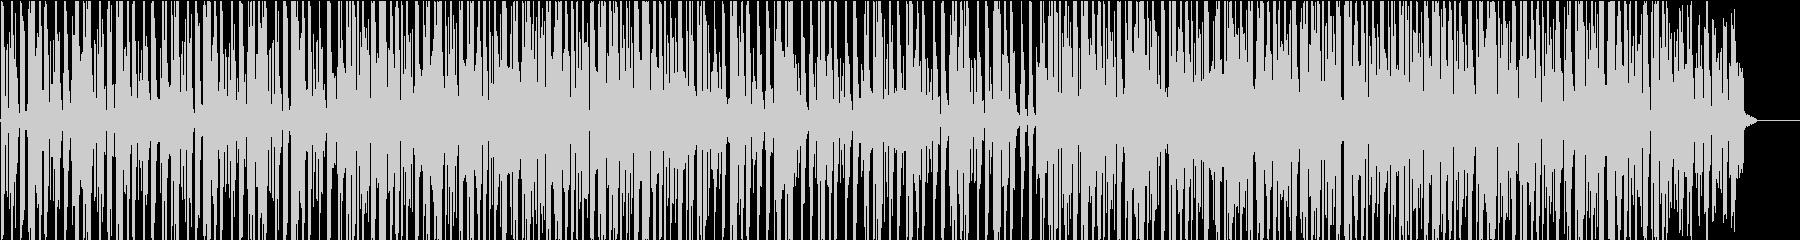 怪しげな雰囲気のファンクの未再生の波形